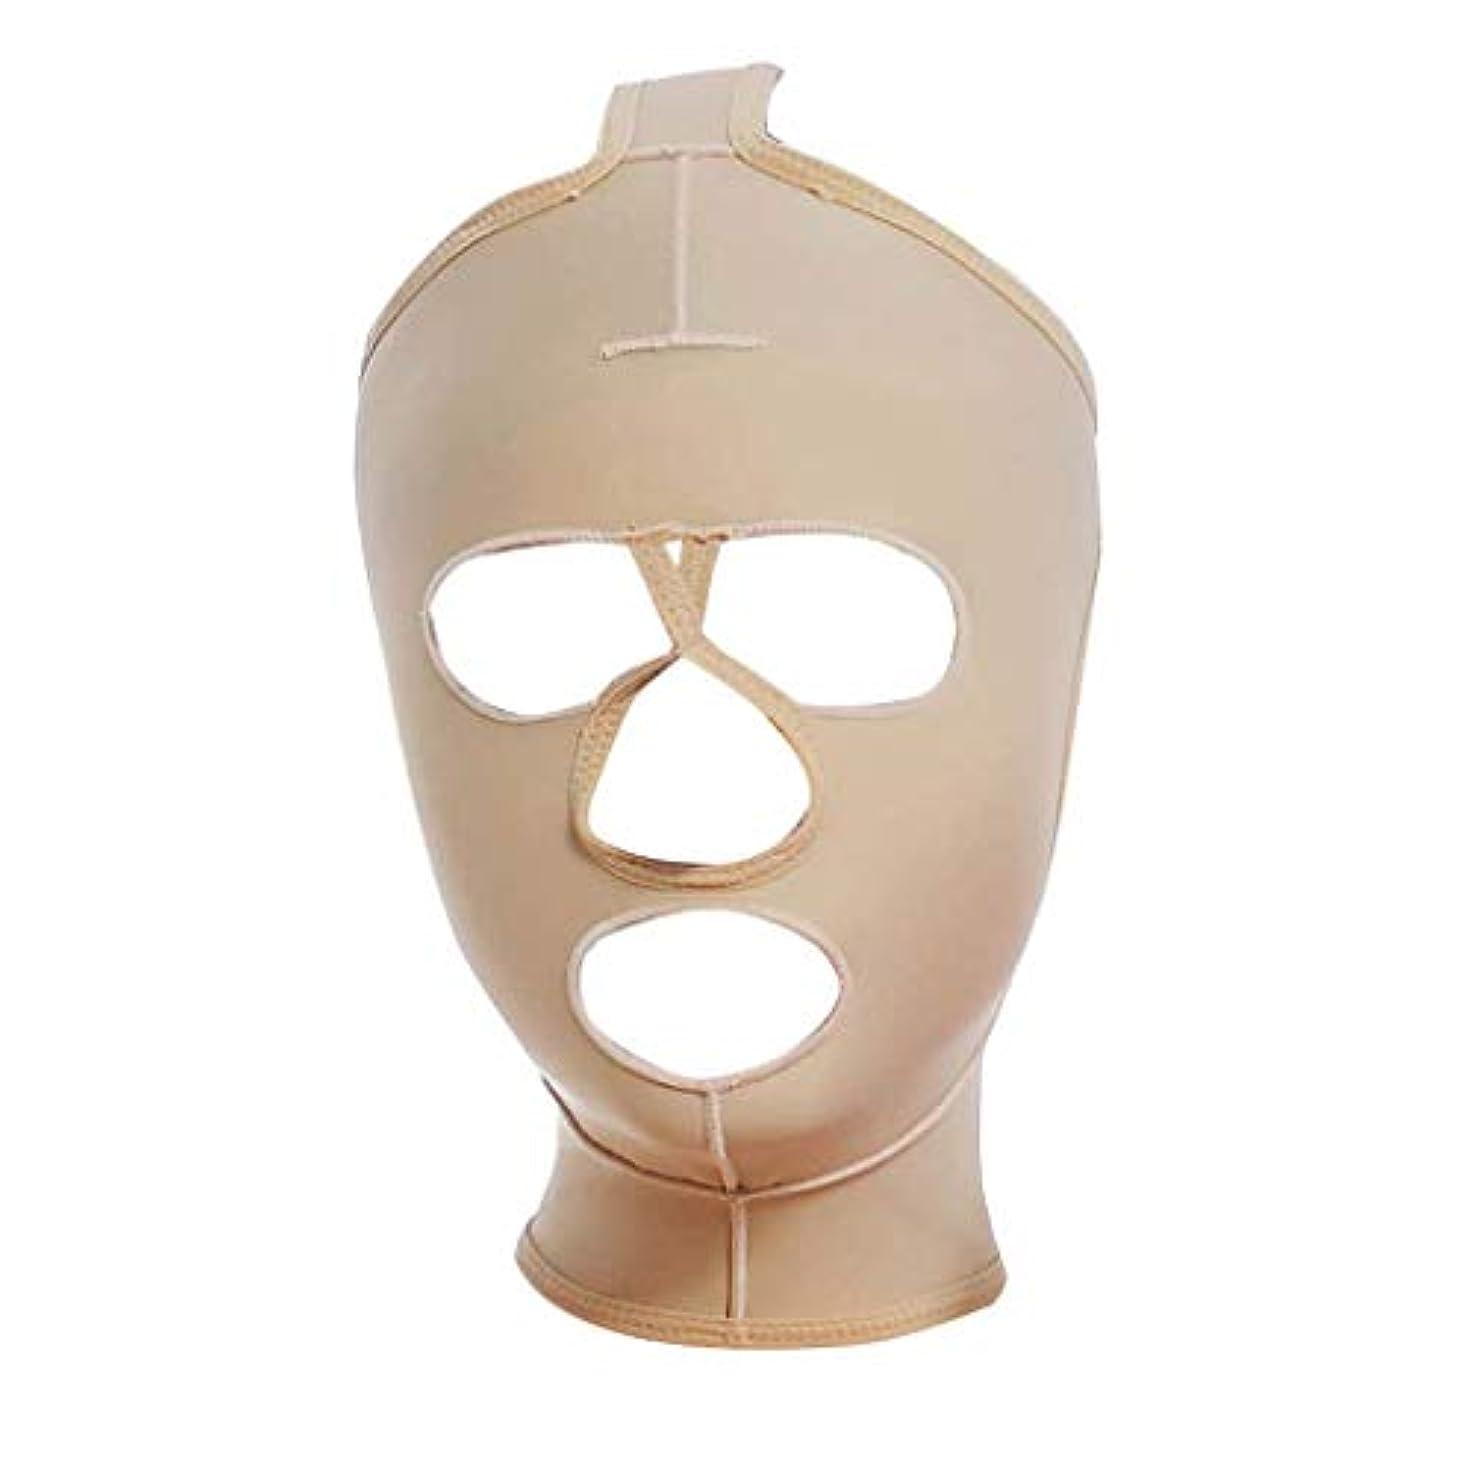 血ミルギャラントリーフェイス&ネックリフト、減量フェイスマスク脂肪吸引術脂肪吸引術整形マスクフードフェイスリフティングアーティファクトVフェイスビームフェイス弾性スリーブ(サイズ:XXL),XXL